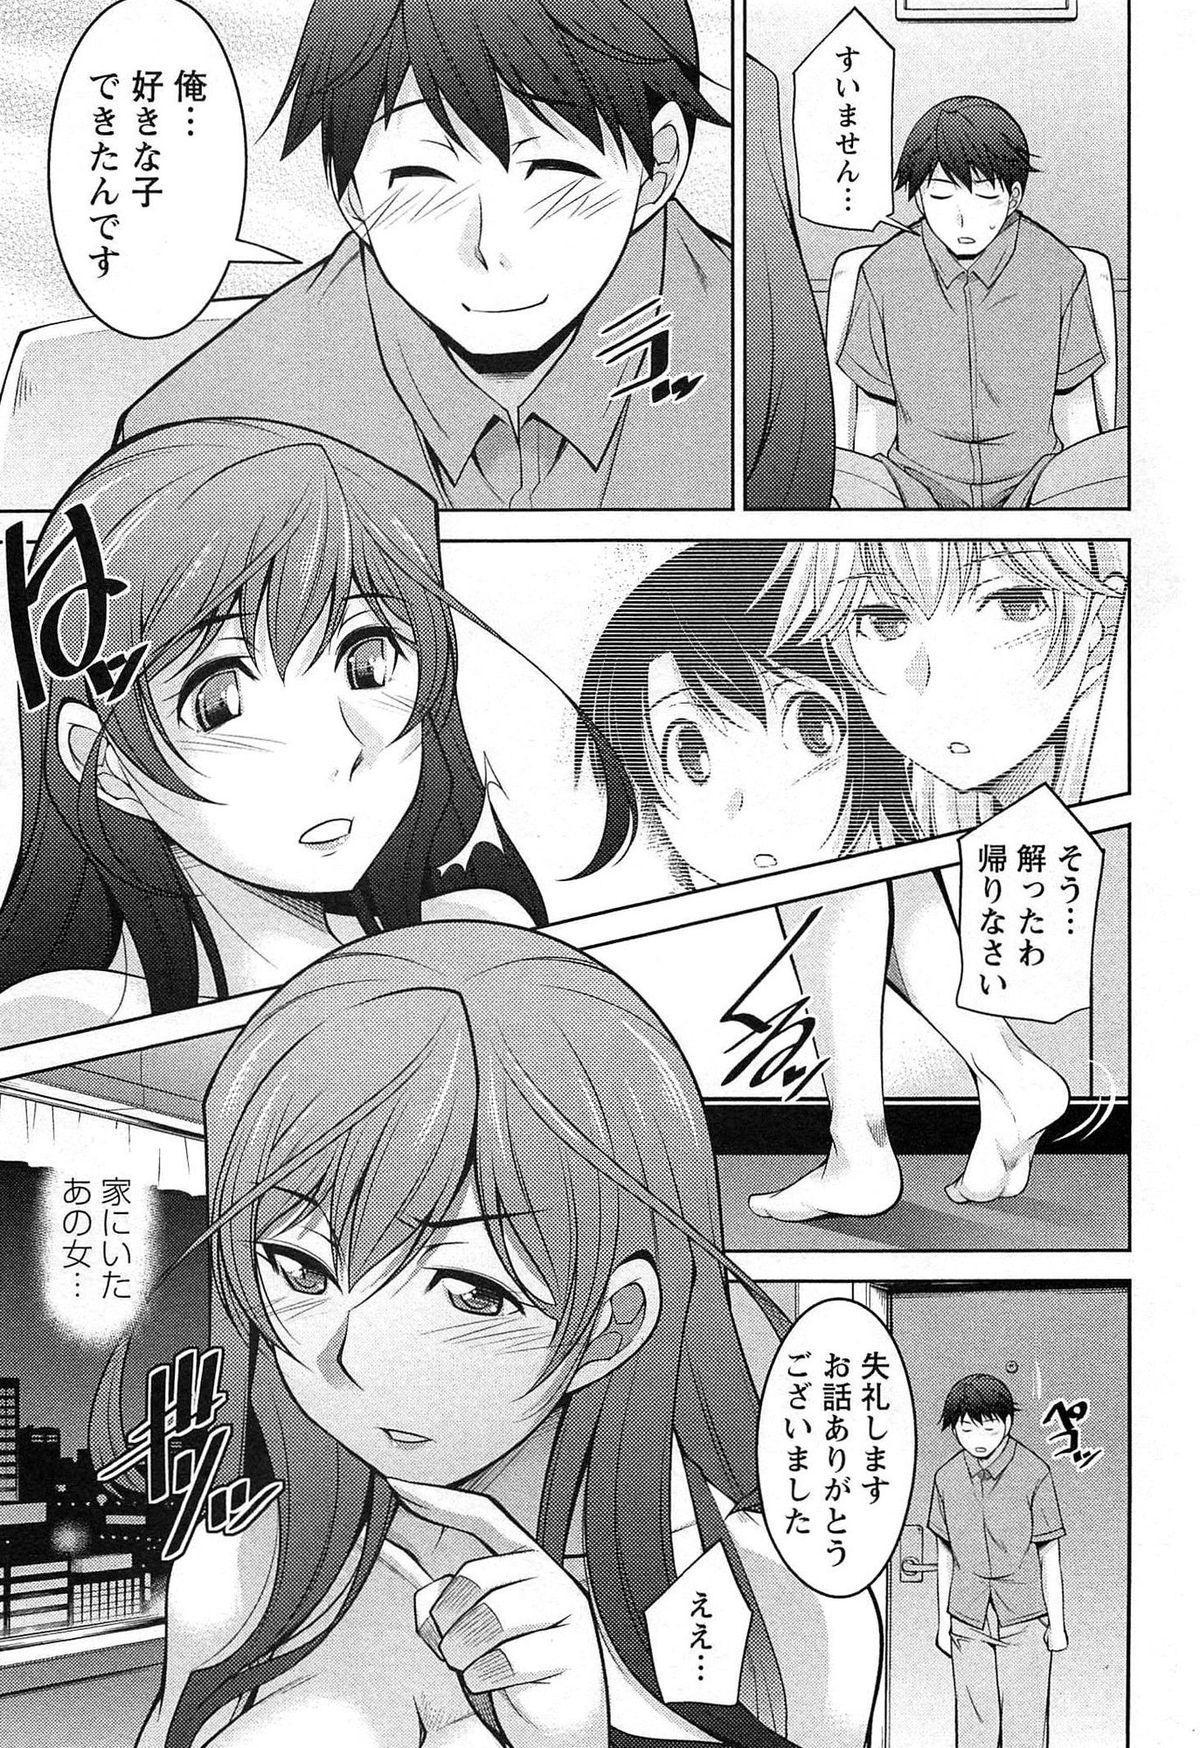 [zen9] Tsuki-wo Ai-Shite - Tsuki-ni Koi-shite 2 139